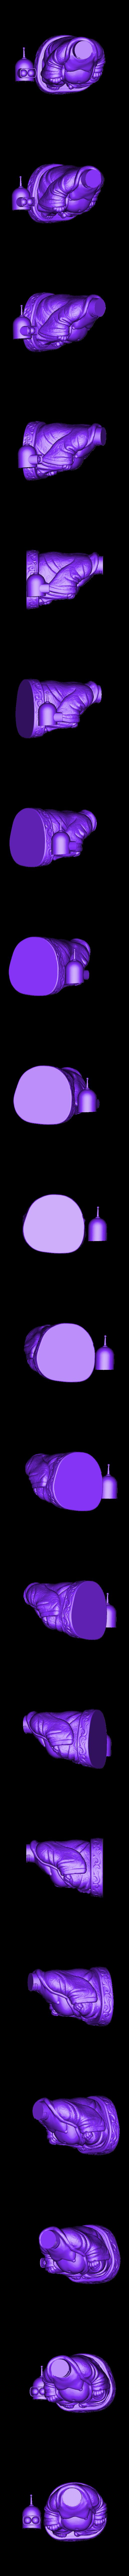 buddah_bender_separate.stl Télécharger fichier STL gratuit Pop-Buddha • Design pour impression 3D, flavio12